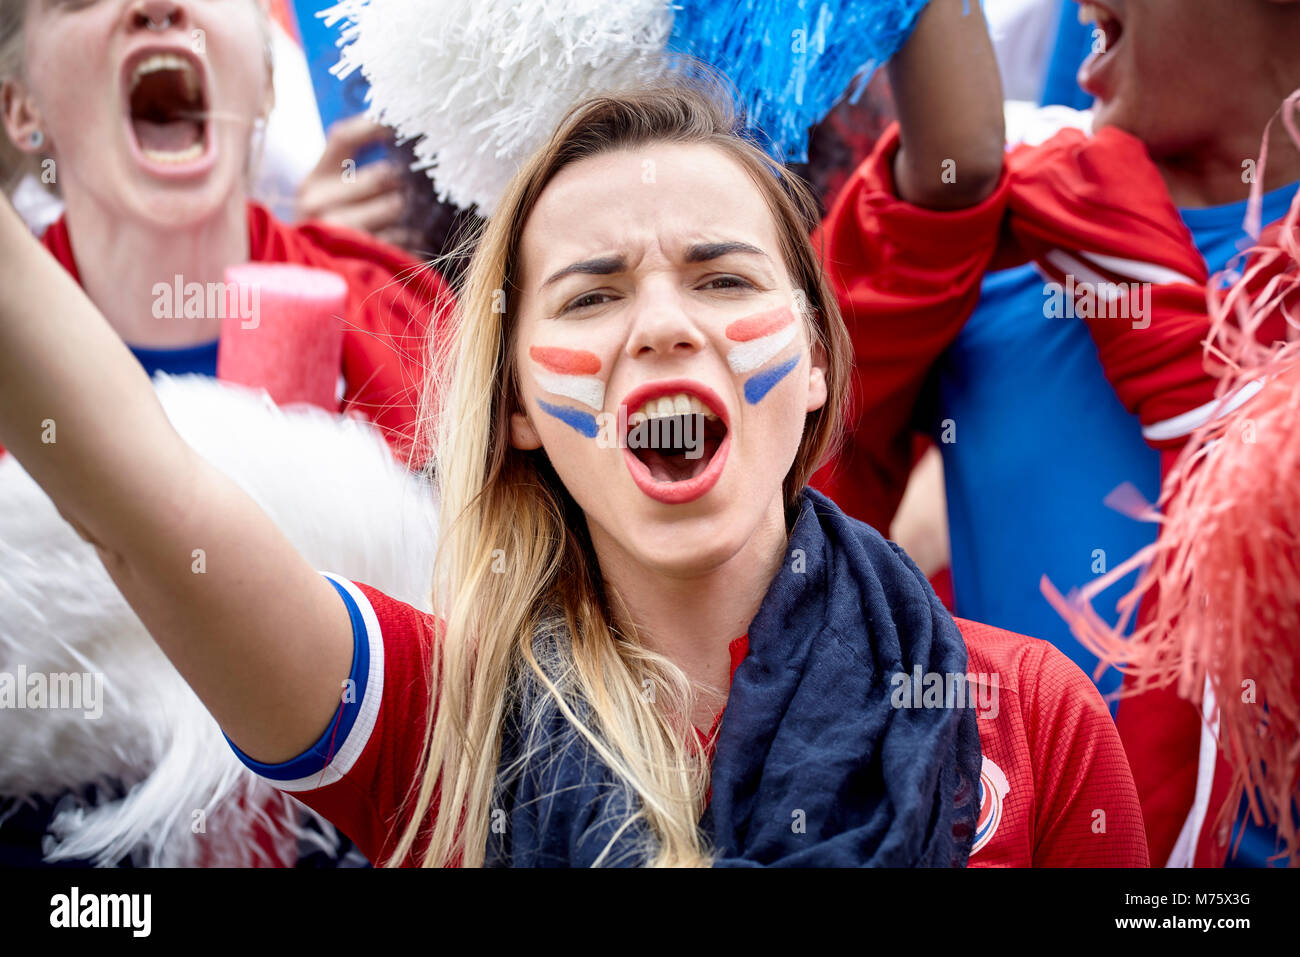 Französische Fußball-Fan Jubel bei Match, Porträt Stockbild